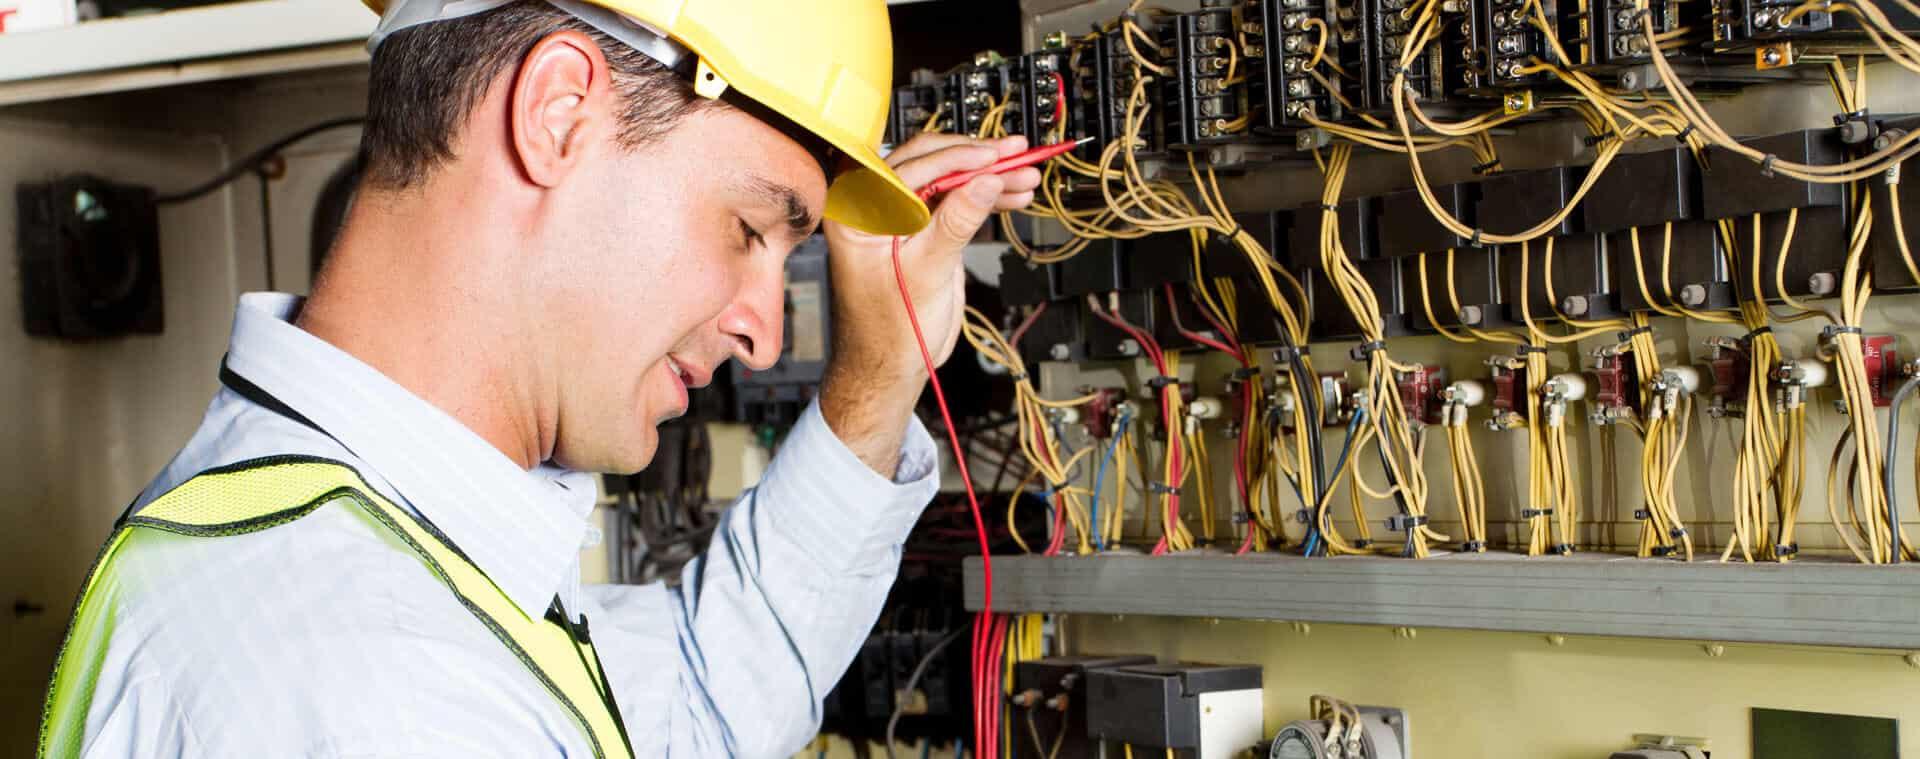 Компания «Uniset»: производство и сервисное обслуживание электротоваров